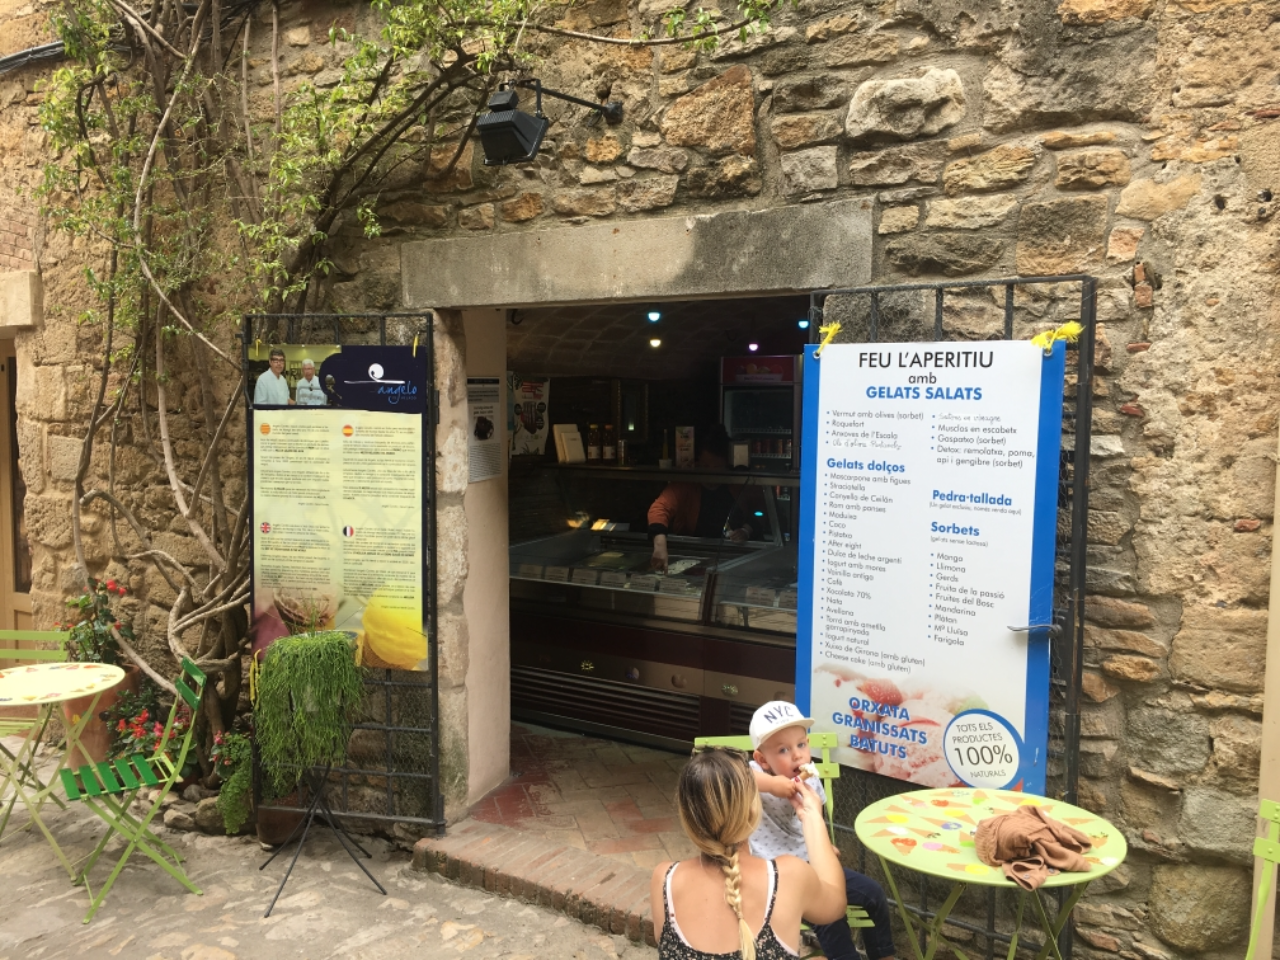 Photo 2: Les meilleures glaces de Catalogne